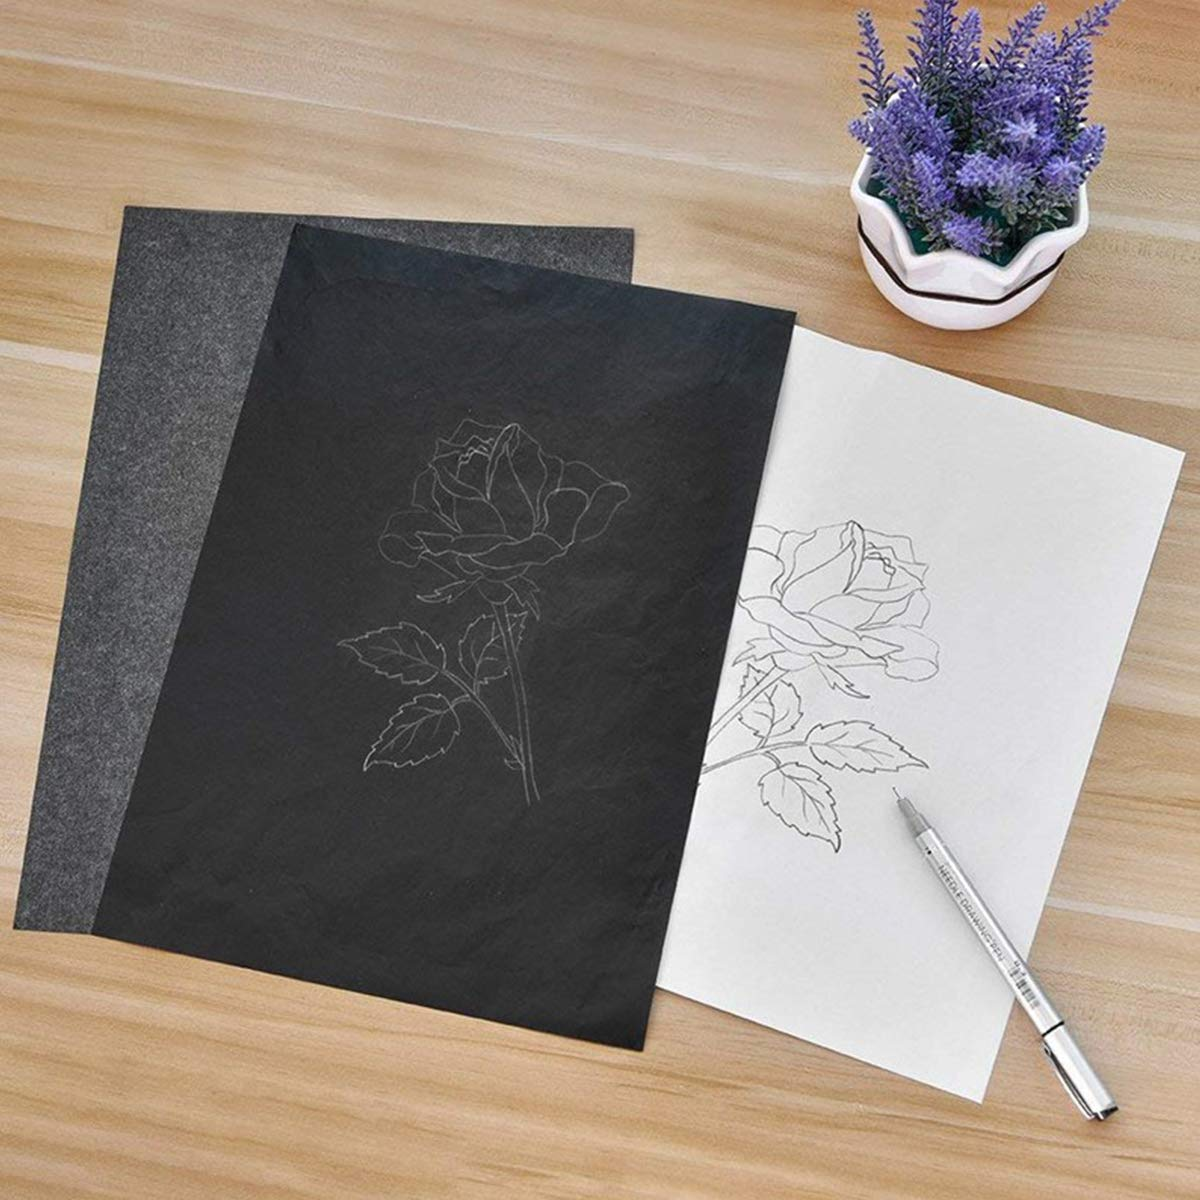 Bleu STOBOK 100 pcs Carbone Copie Papier Transfert Papier Calque Graphite Papier Carbone Peinture Papier Couch/é